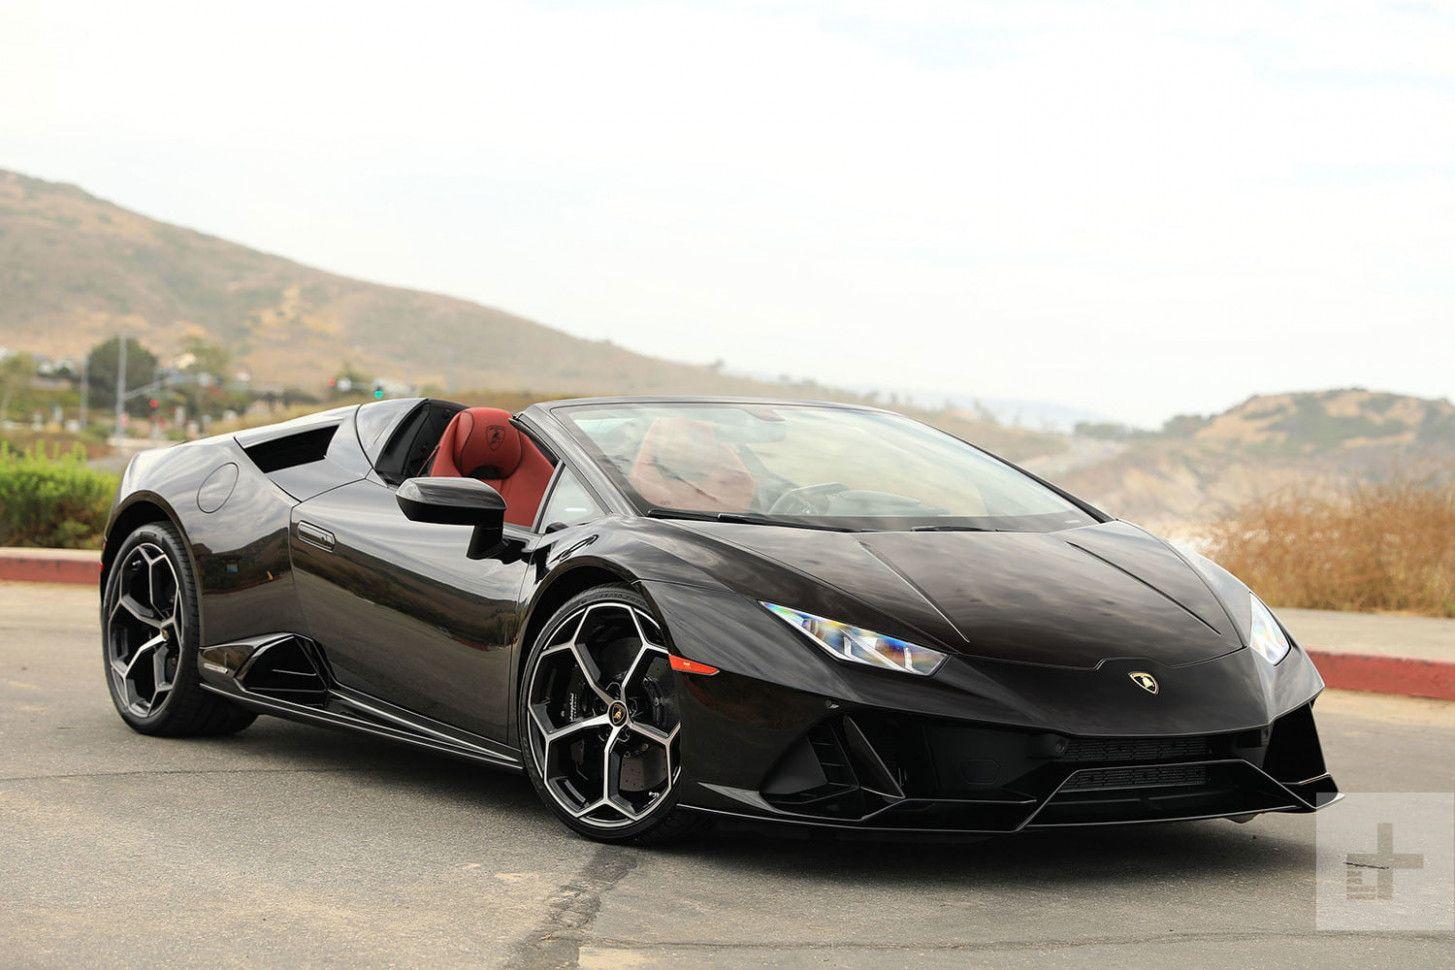 2020 Lamborghini Huracan Spyder In 2020 Lamborghini Huracan Lamborghini Supercar Lamborghini Huracan Spyder